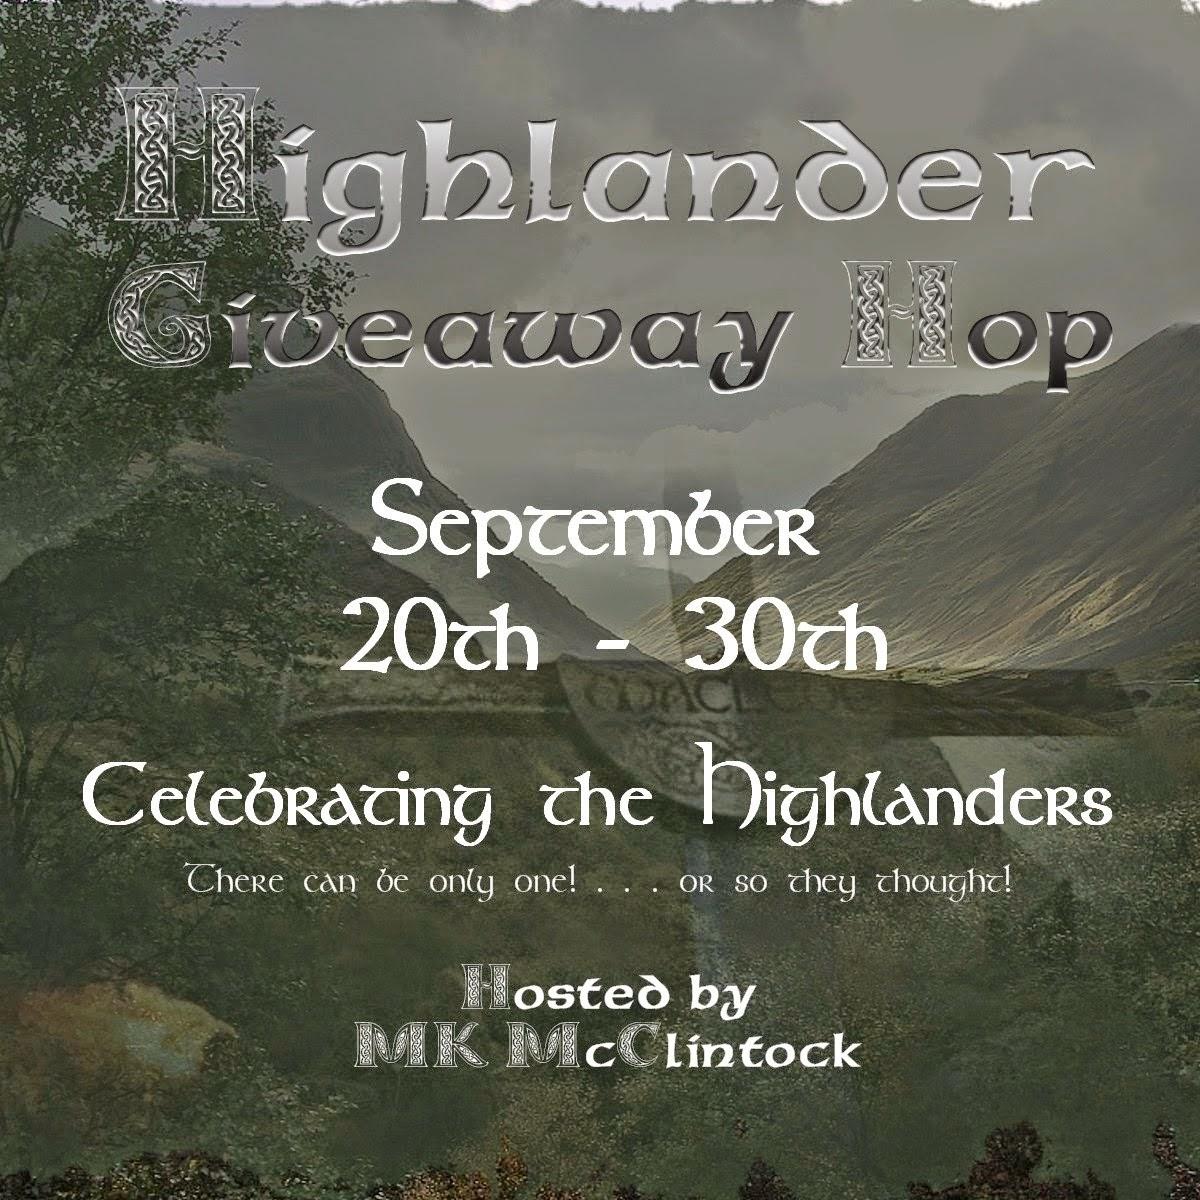 3rd Annual Highlander Giveaway Hop